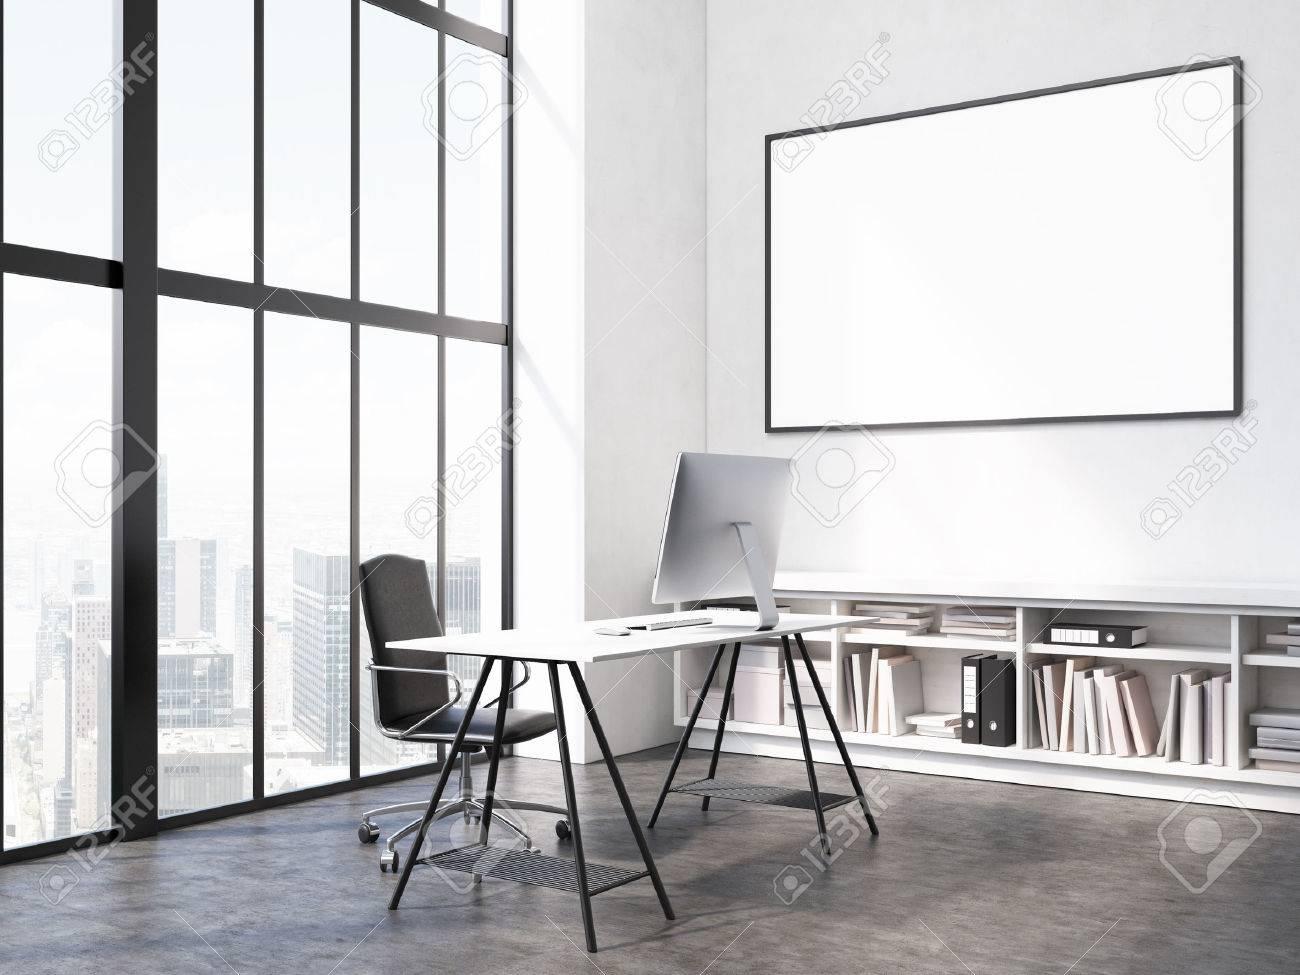 Interior De La Oficina Con Puesto De Trabajo, Marco De Imagen En ...